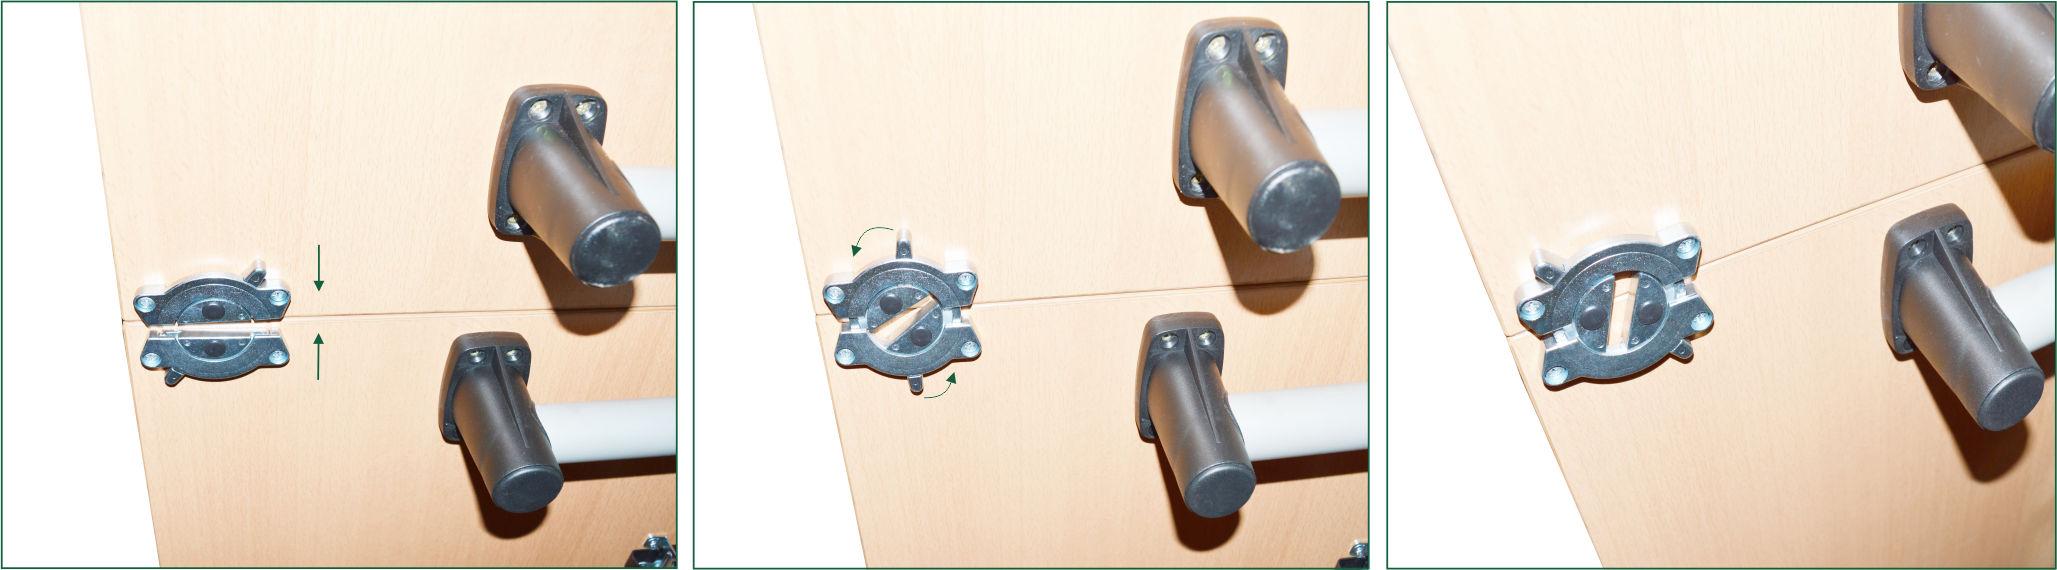 Häfele Tischplattenverbinder Trennbar Möbelverbinder H4003 Bettverbinder silber